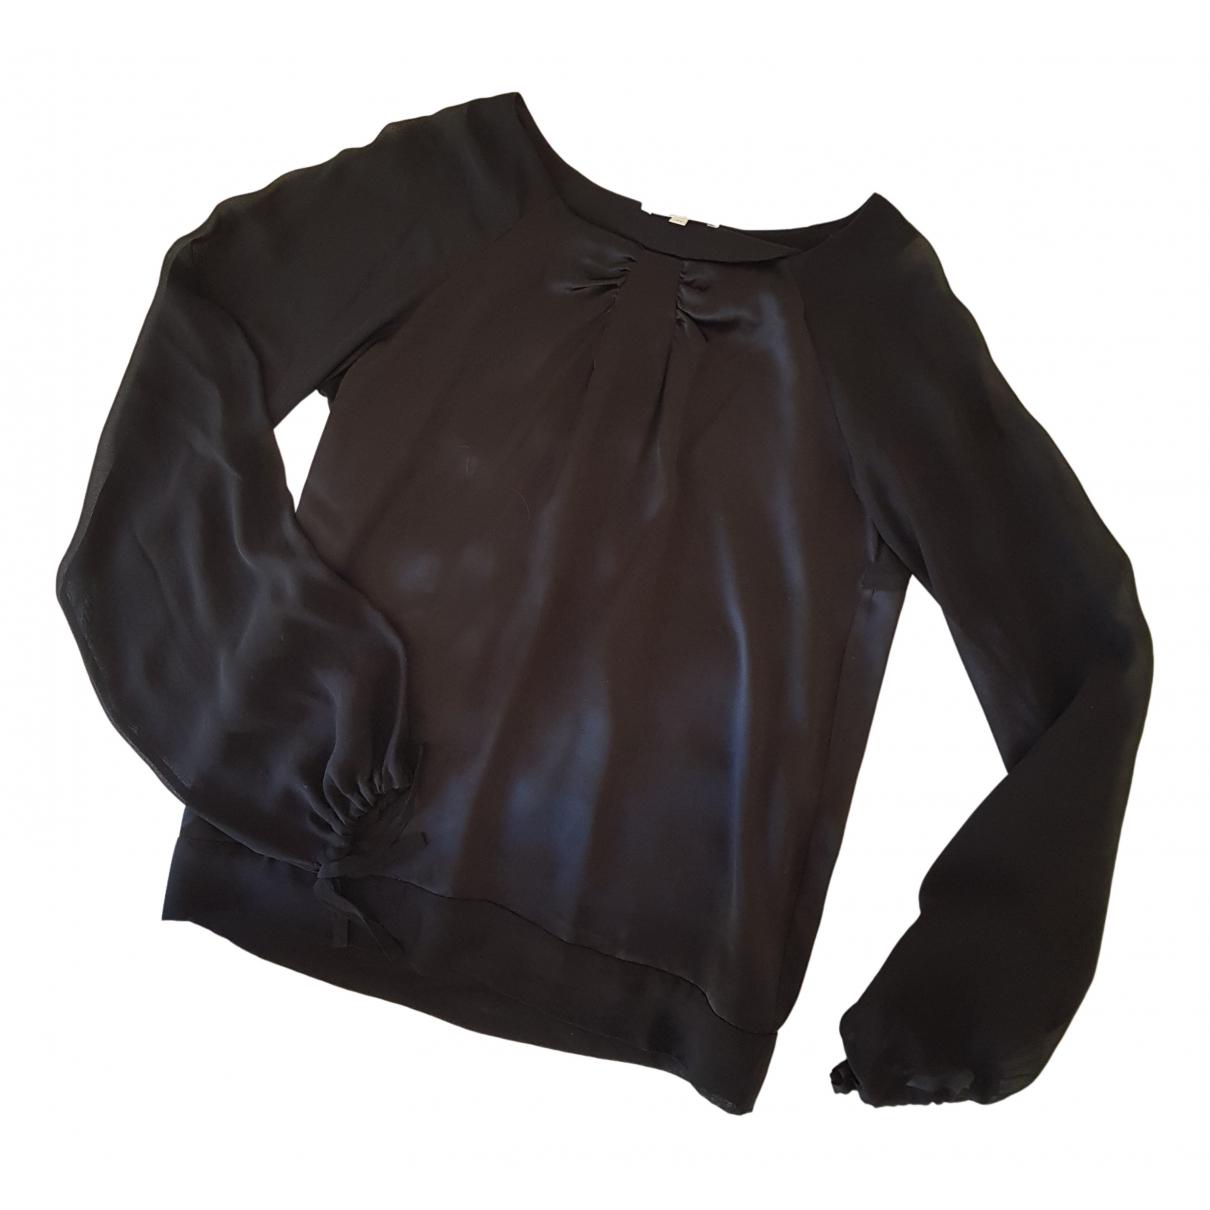 Les Petites - Top   pour femme en soie - noir